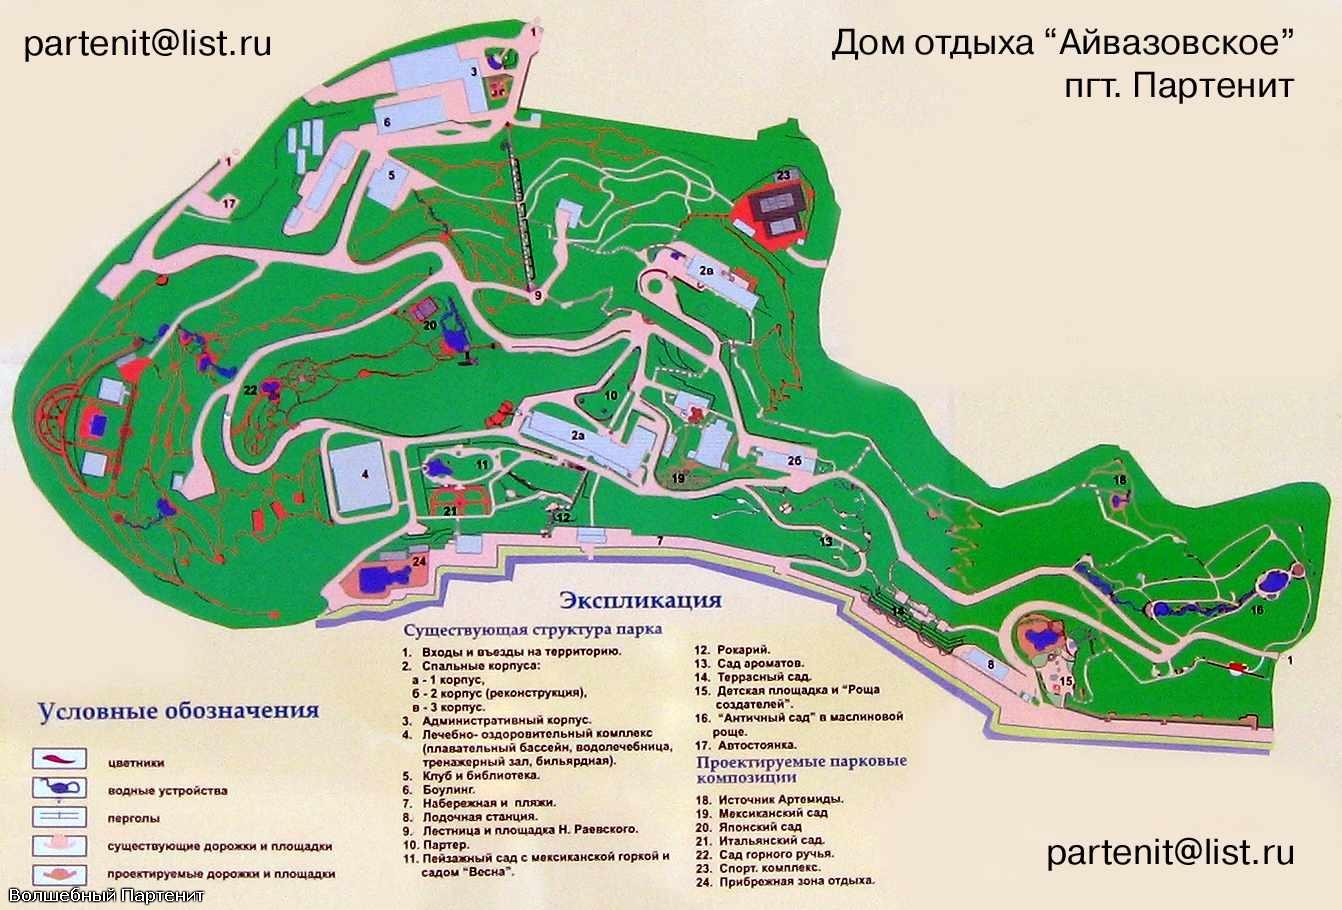 Партенит крым парк айвазовского схема парка